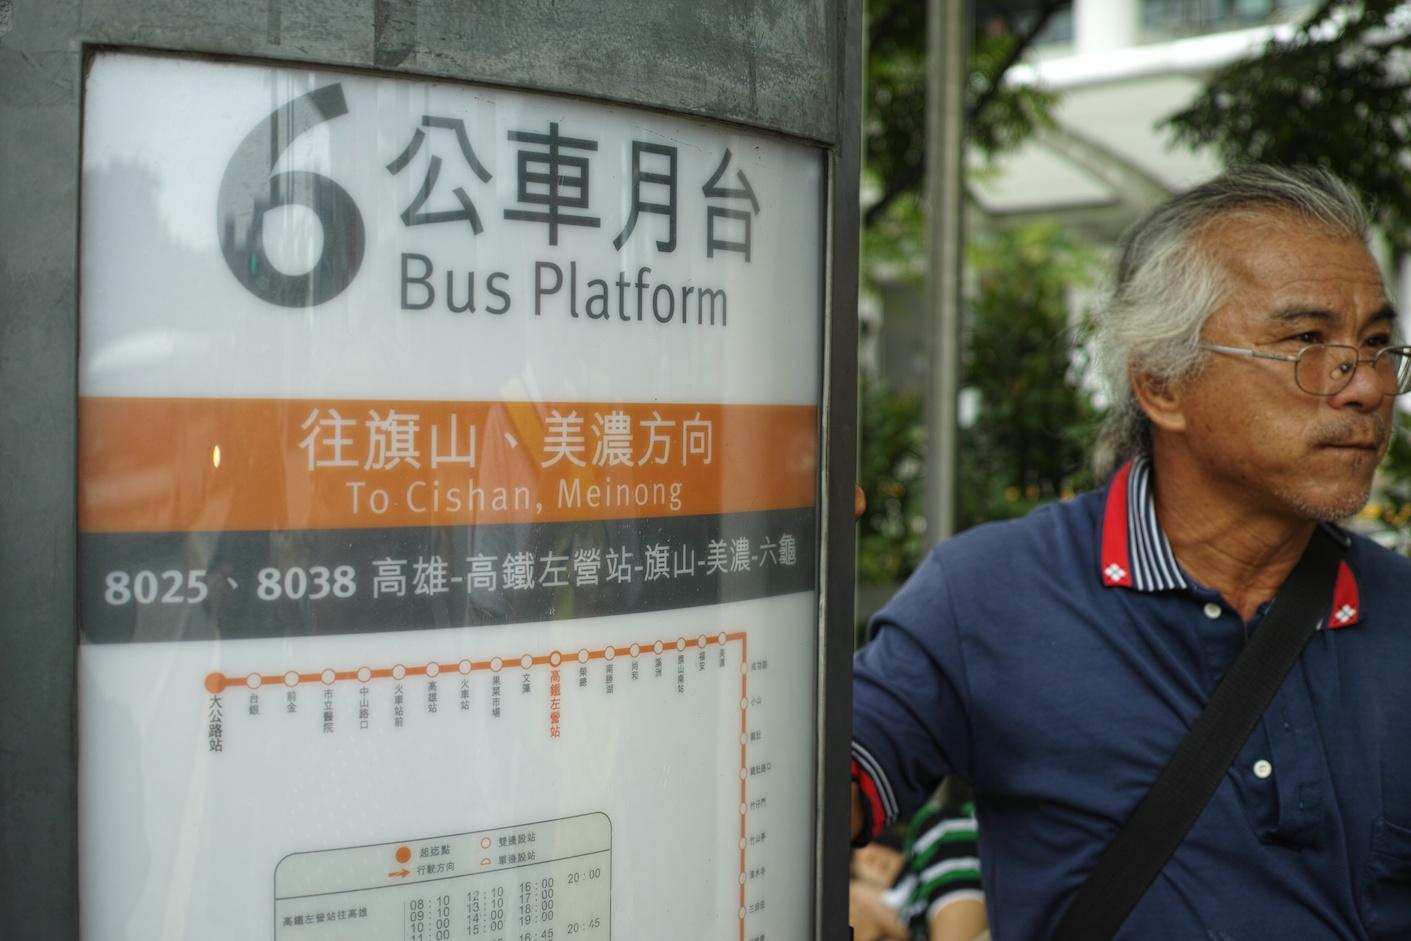 Qishan2013092011.jpg